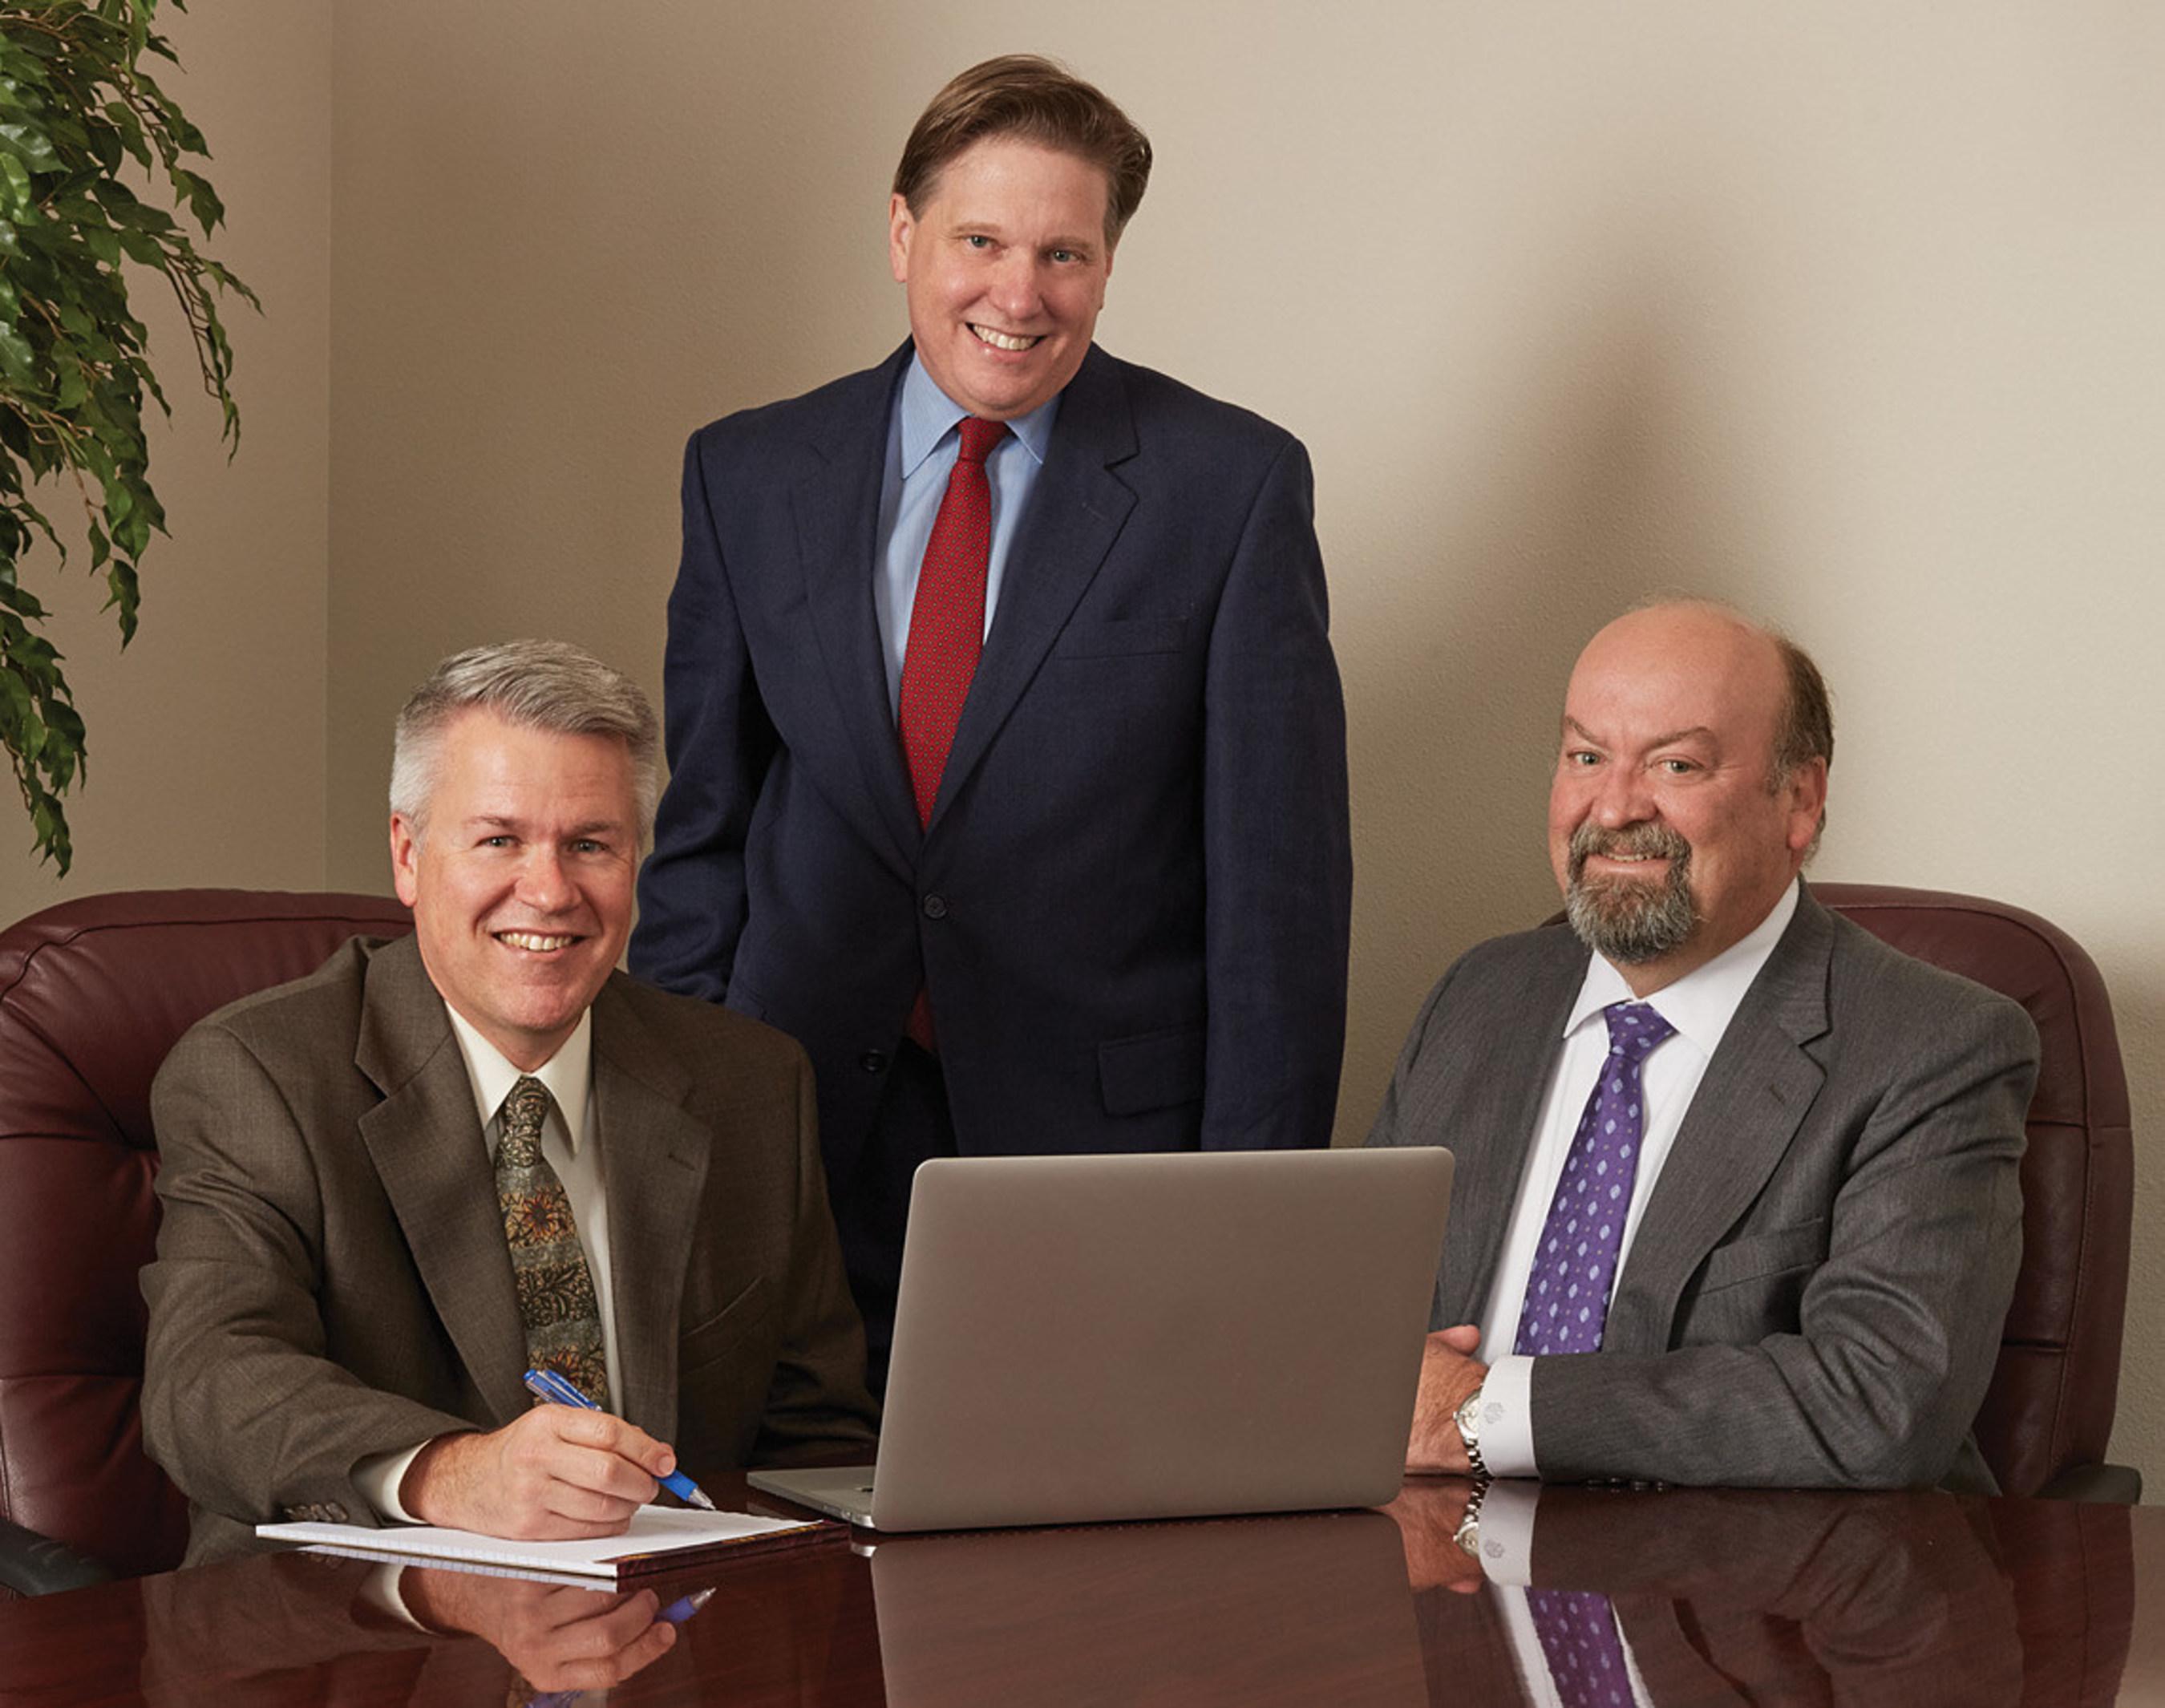 Texas Disability Law Firm Bemis, Roach & Reed Earns Top AV